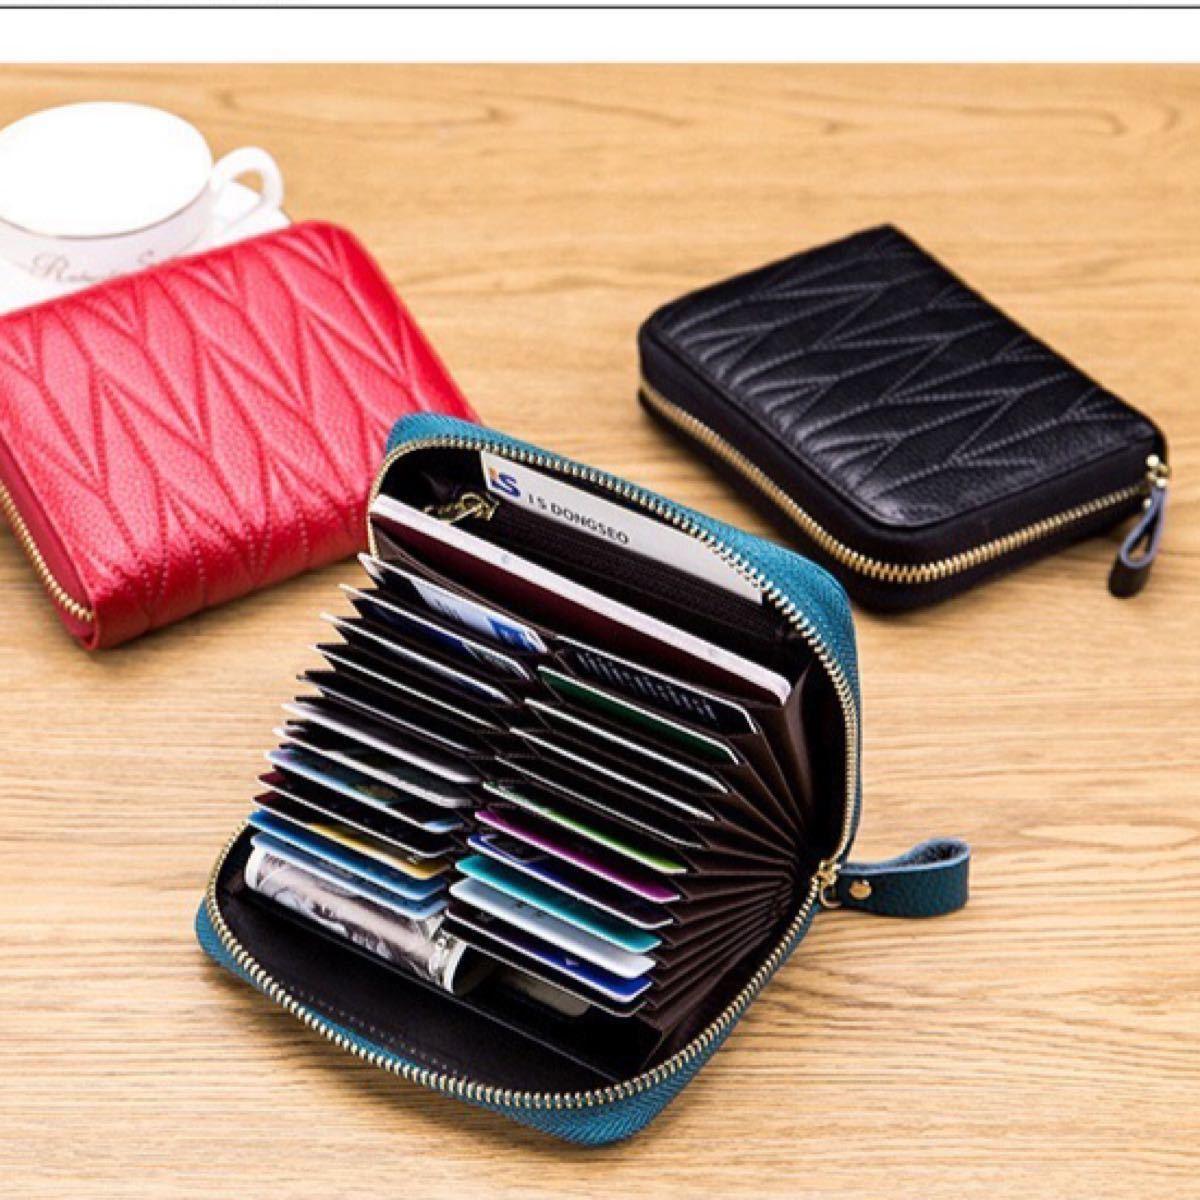 財布 カードケース 小銭入れ コインケース 牛革 メンズ財布 長財布 二つ折り 折り財布 三つ折り 革 本革  牛革 大容量